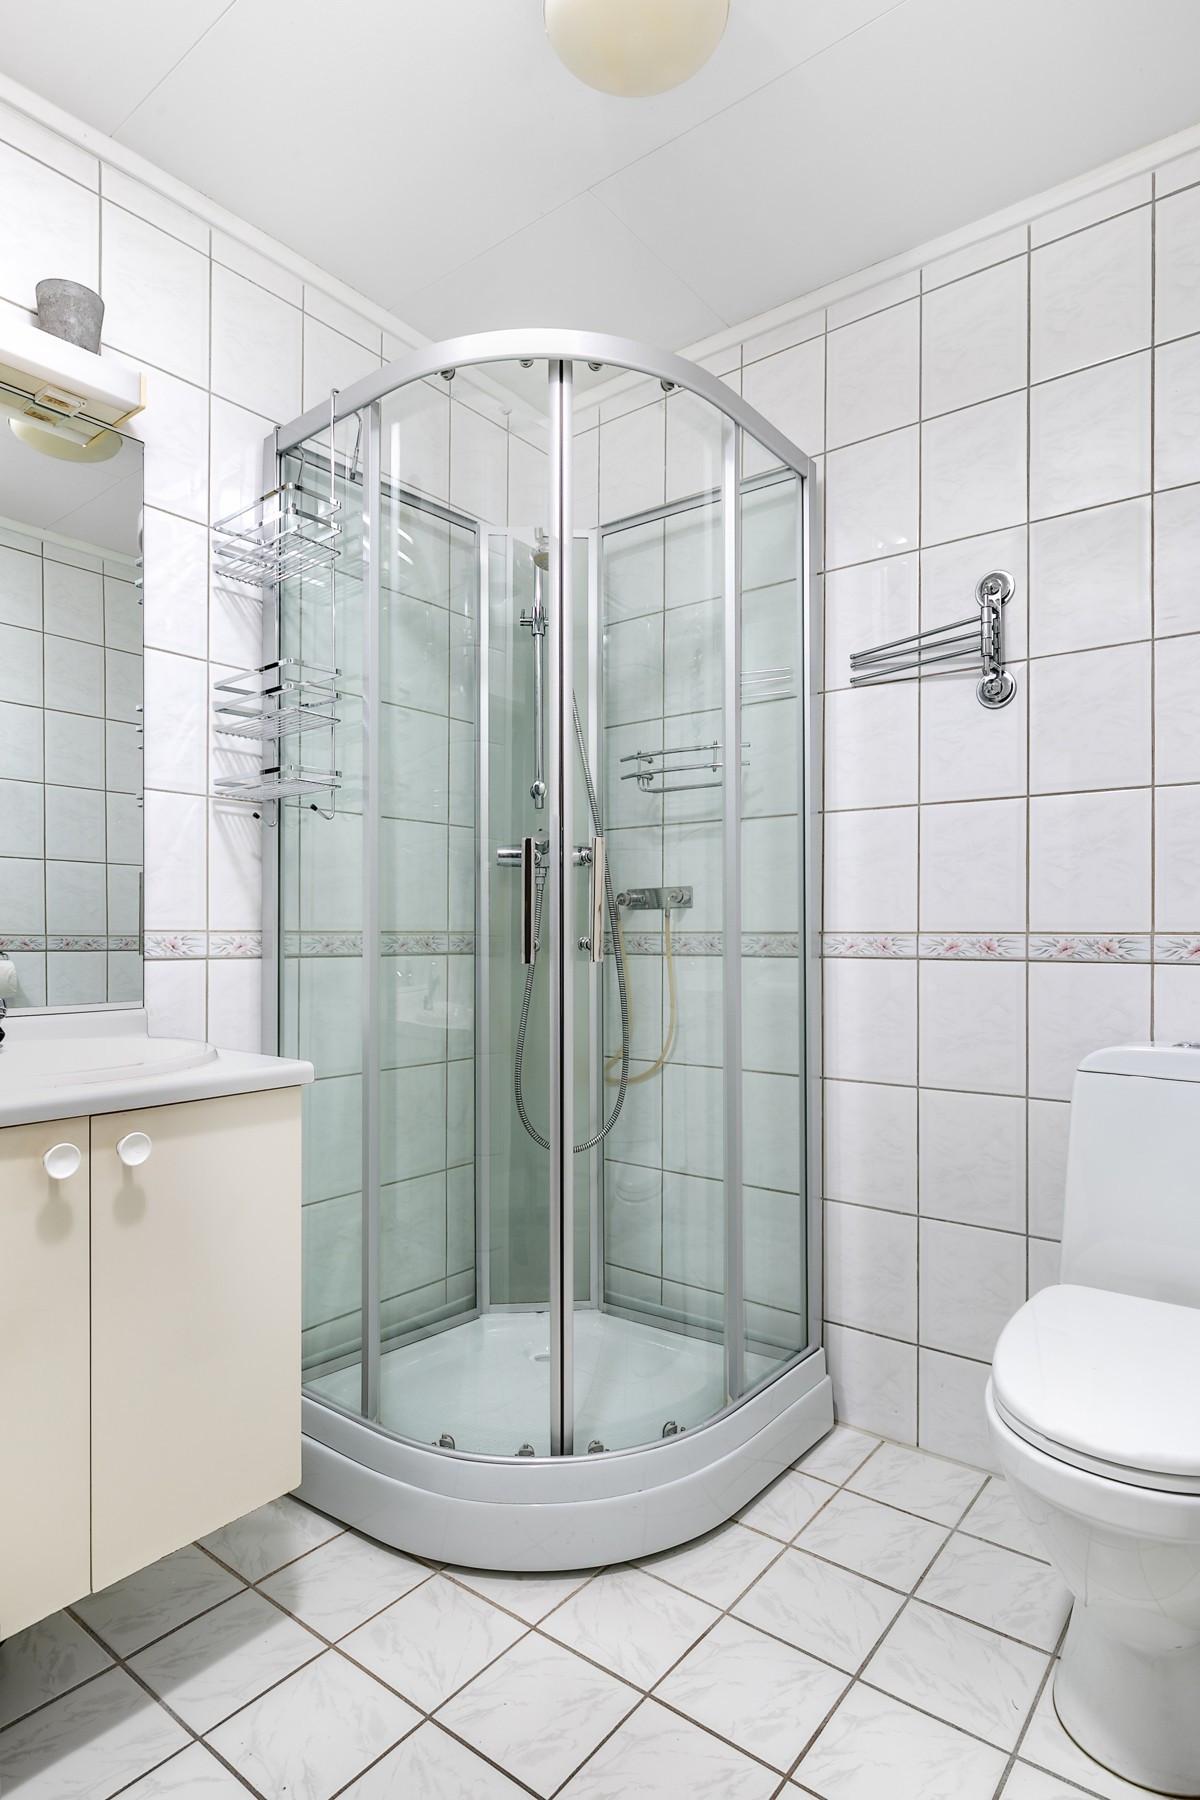 Dusjkabinett. Komplett flislagt bad med gulvvarme